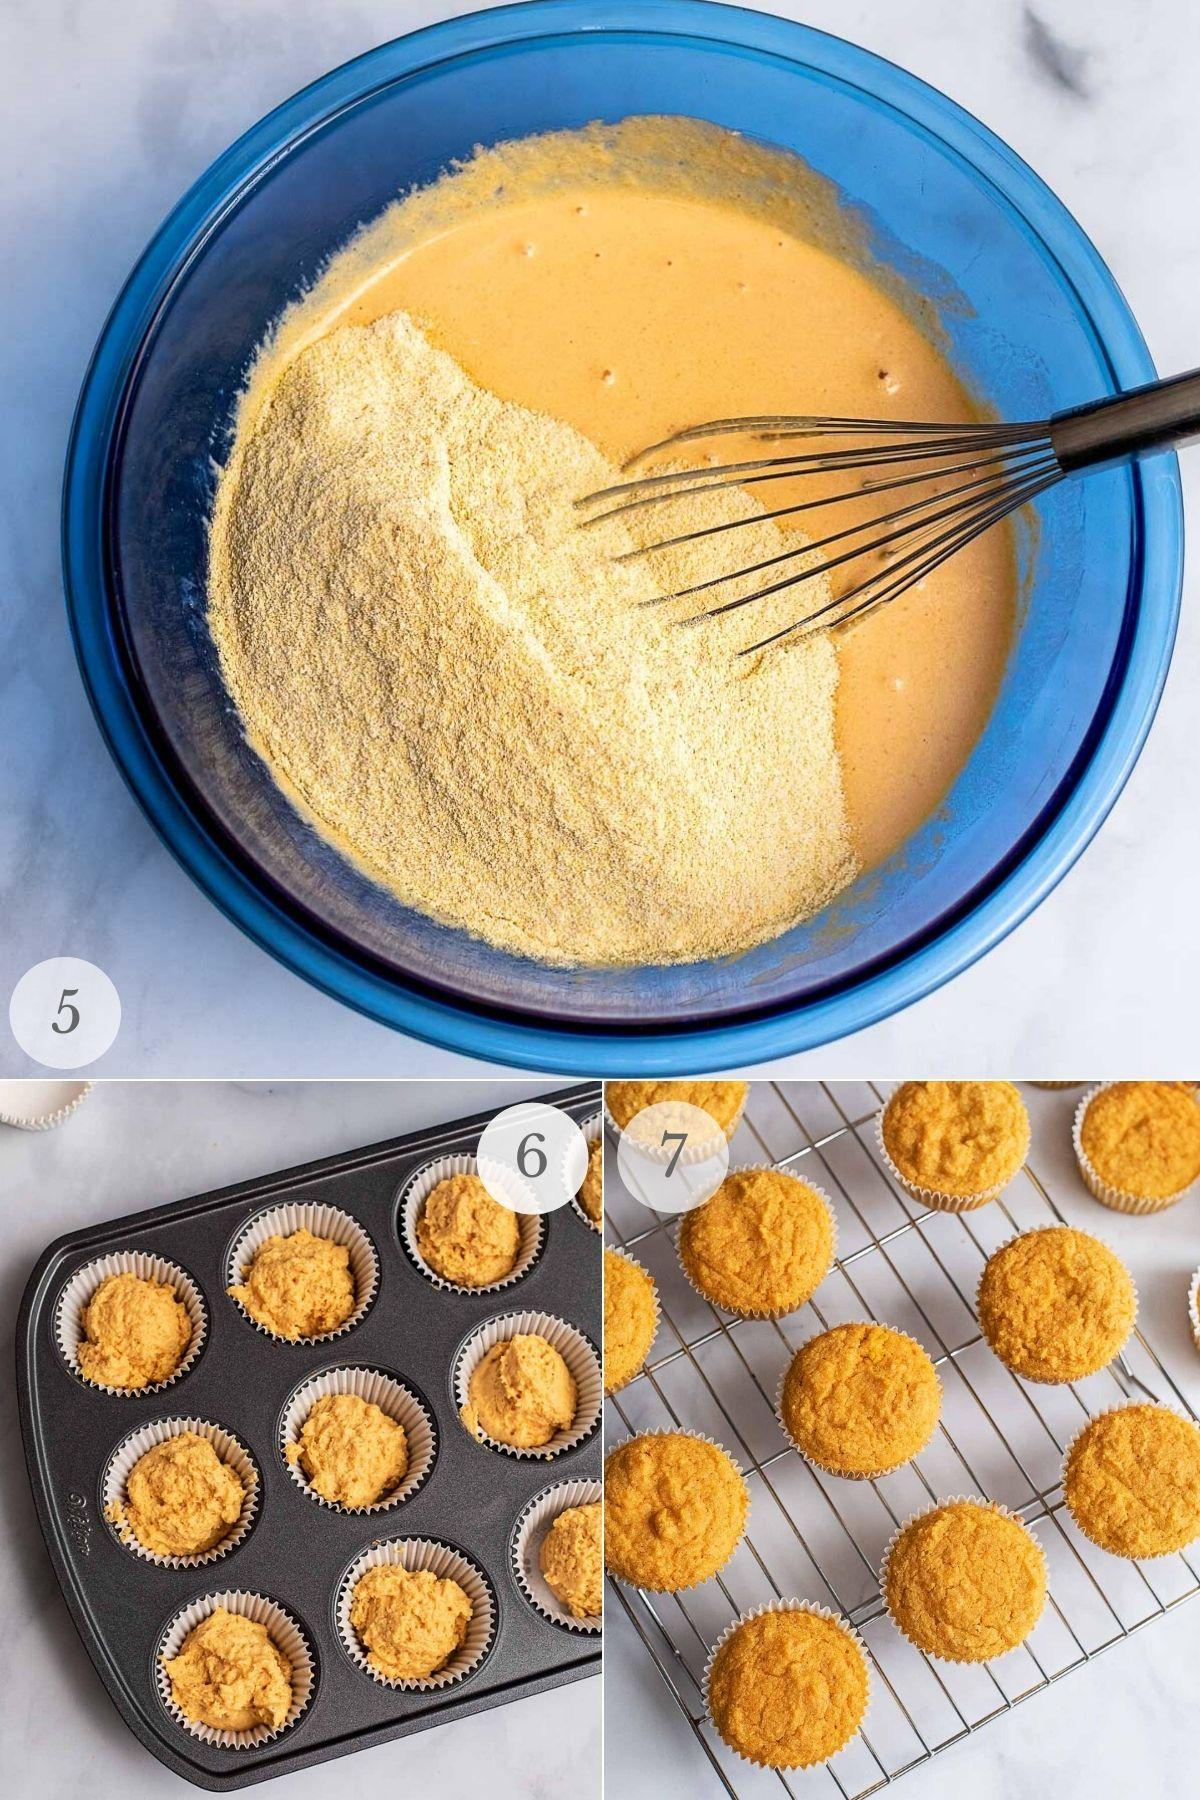 pumpkin cornbread muffins recipe steps 5-8